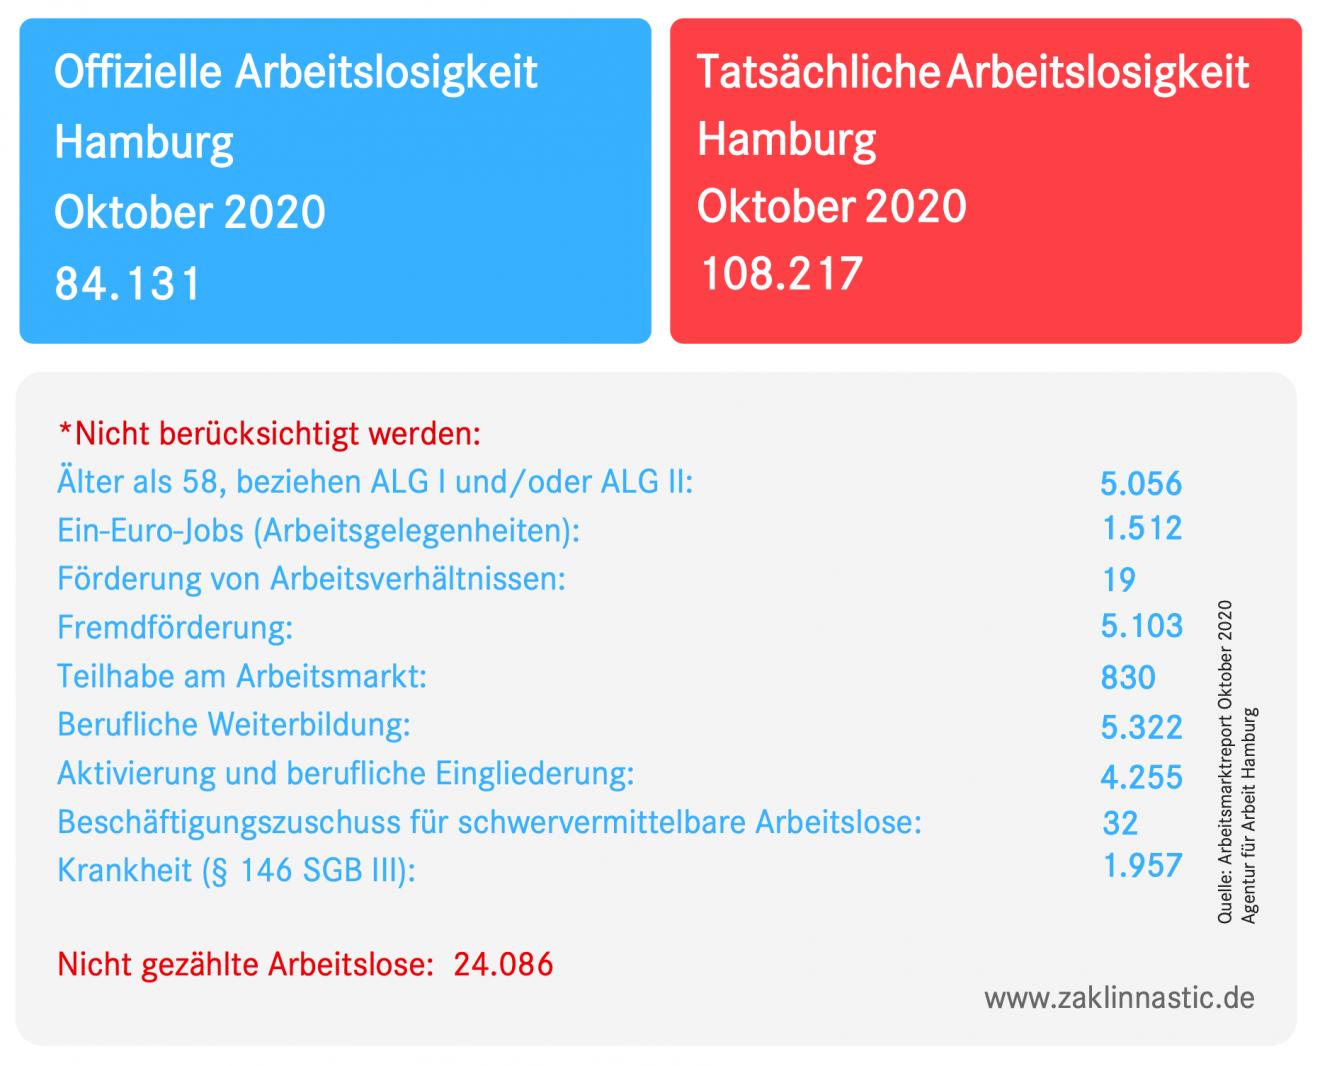 Bildschirmfoto 2020-10-30 um 11.21.23